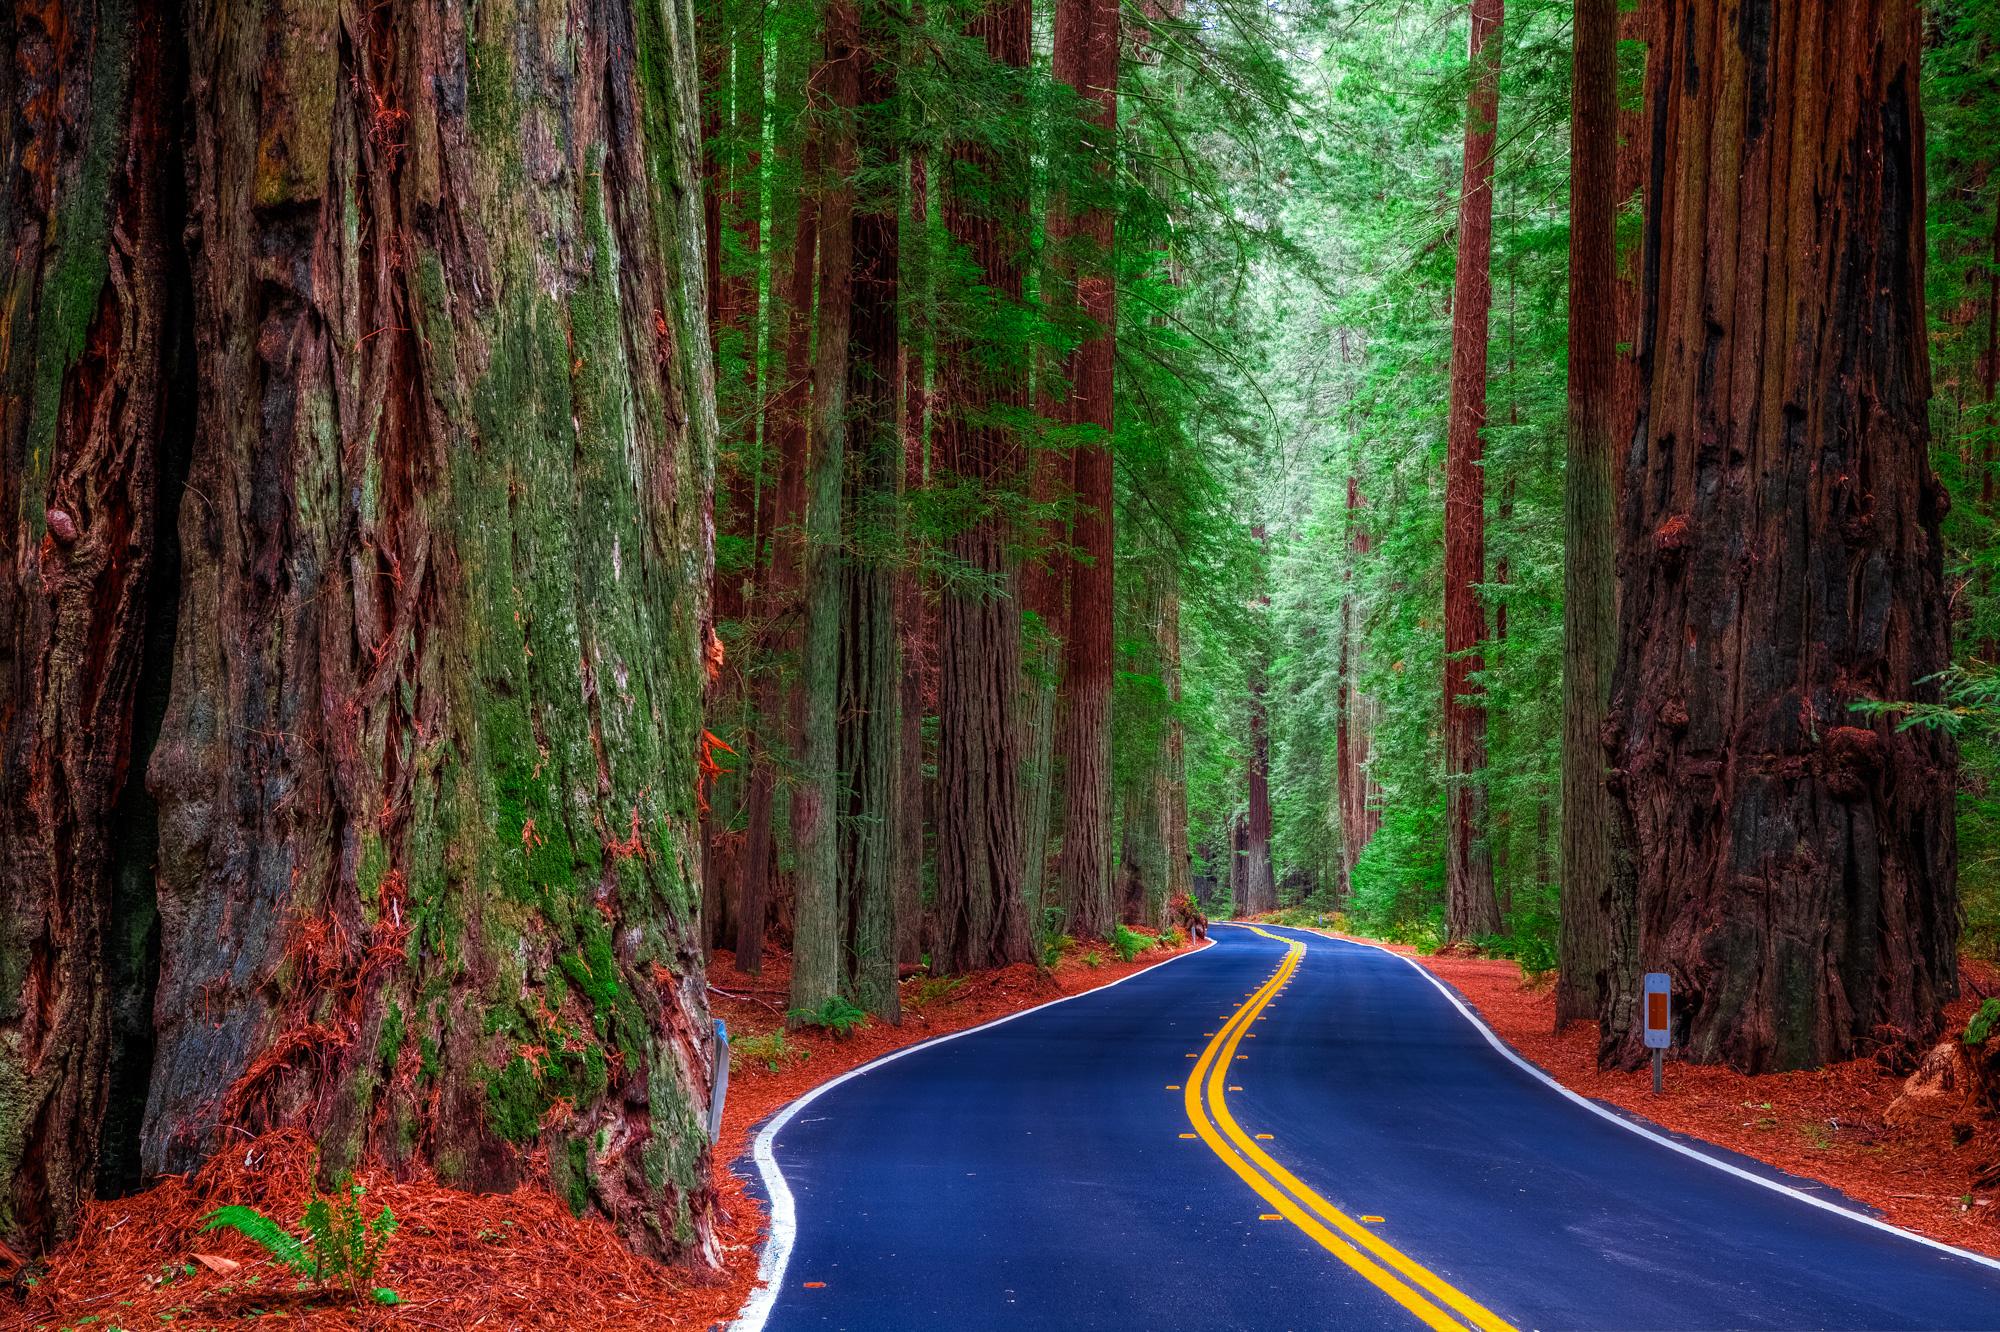 американский лес фото кольца получаются нежными